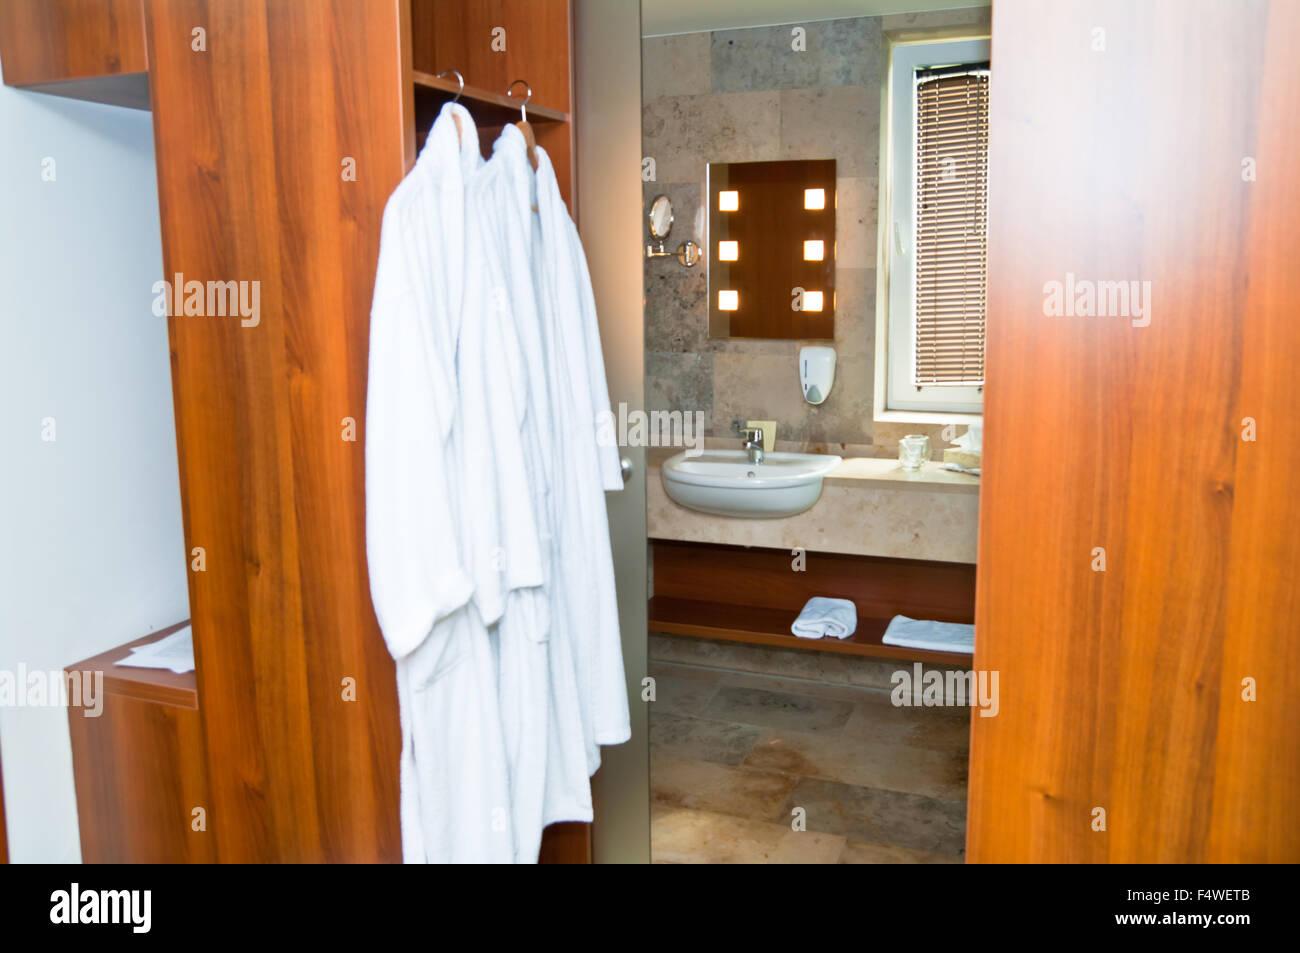 Architektur Bad Badezimmer Badewanne hell sauber zeitgenössische ...